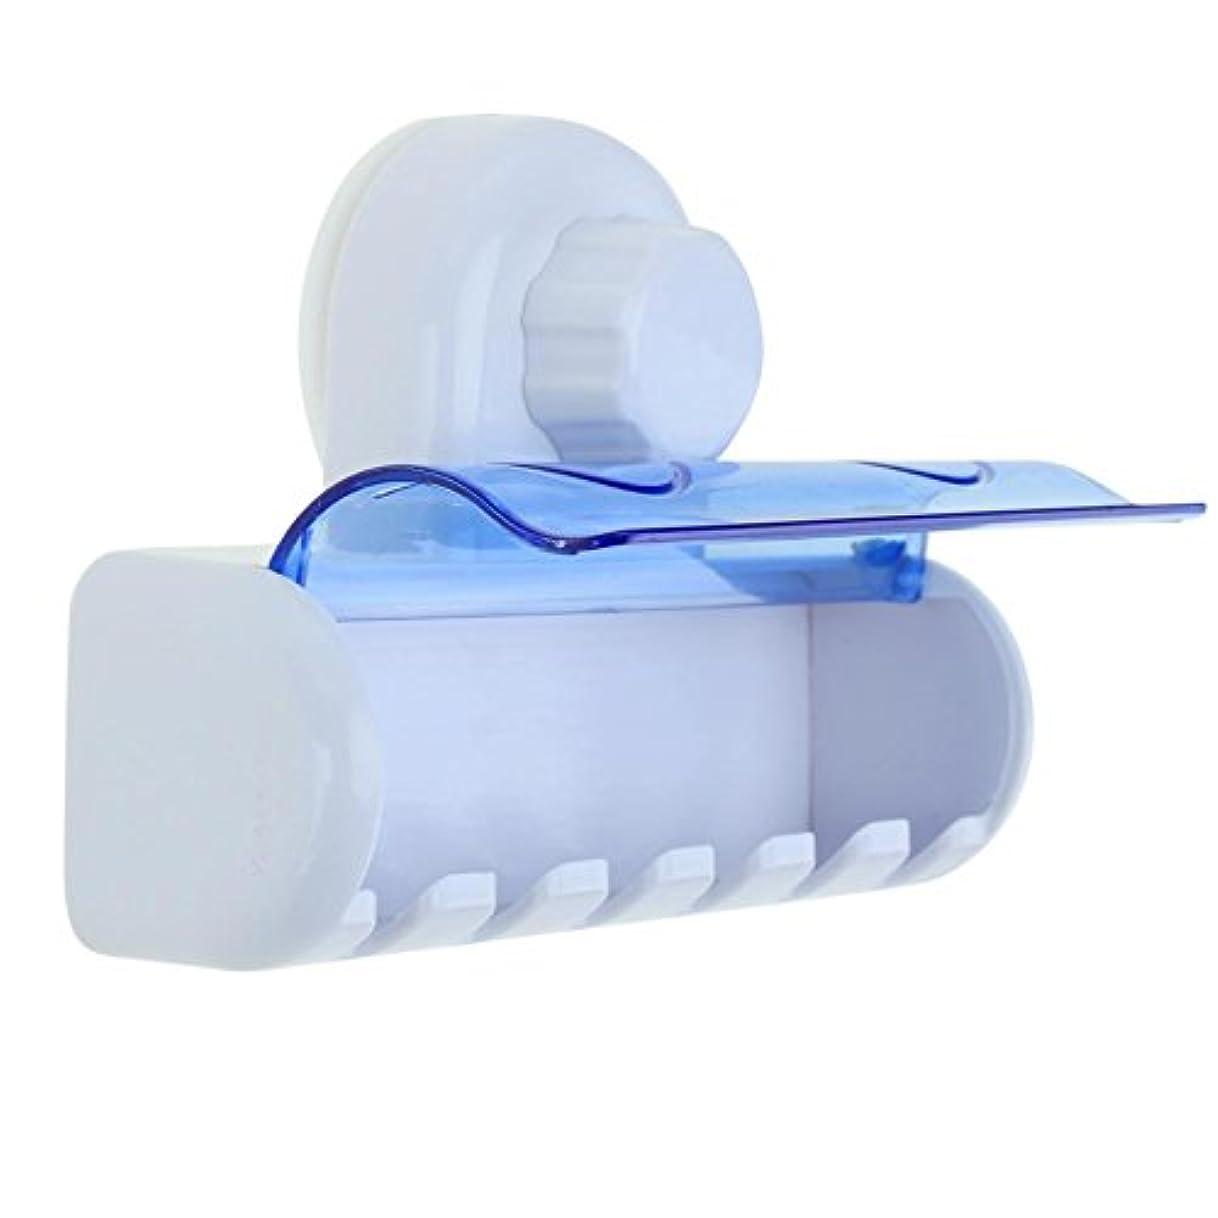 午後火曜日廃棄するDemiawaking 強力吸盤付き ハブラシラック 歯ブラシ6本収納対応 取り付け簡単 壁掛け ハブラシホルダー